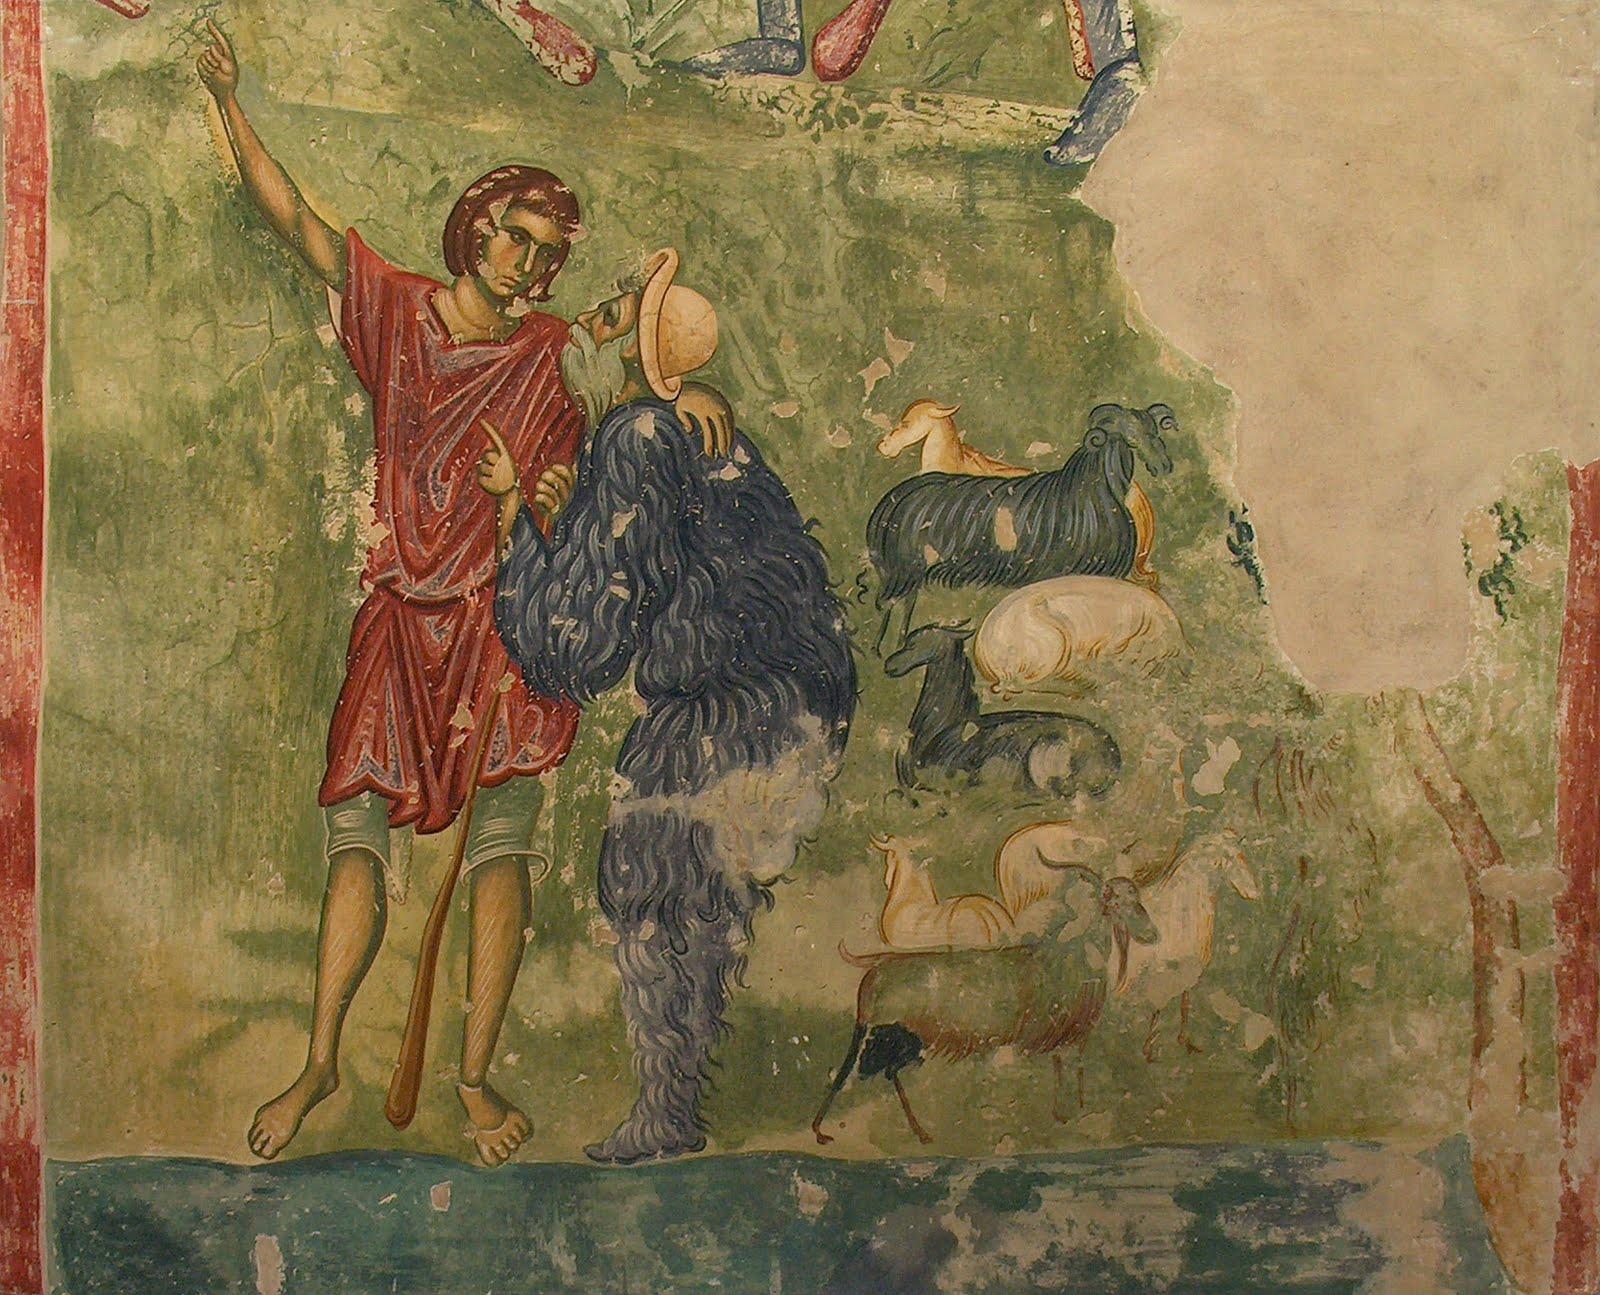 Izgled sela i svakodnevnica u srednjem veku